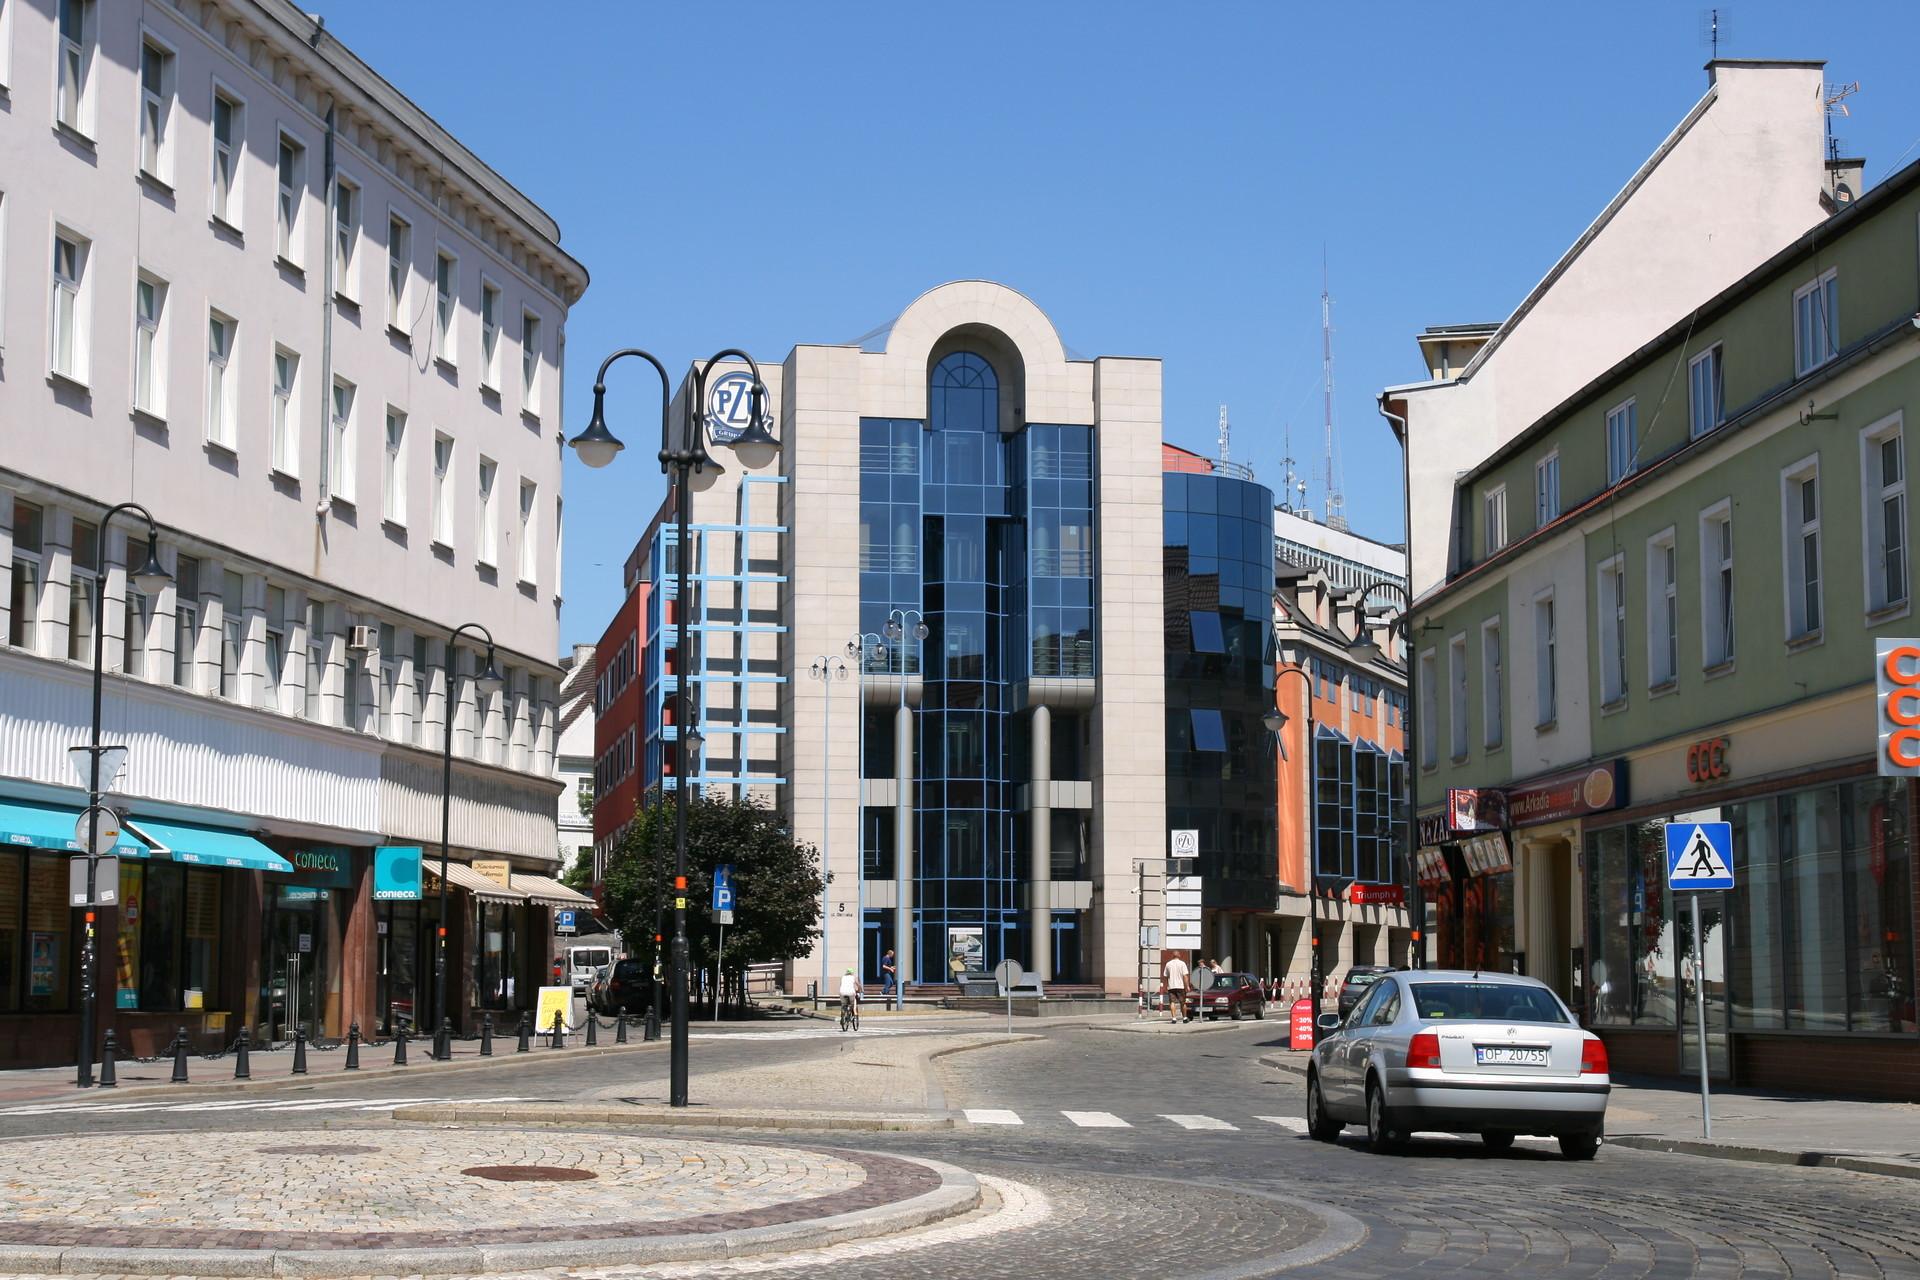 Esperienza a Opole, Polonia, di Katarzyna